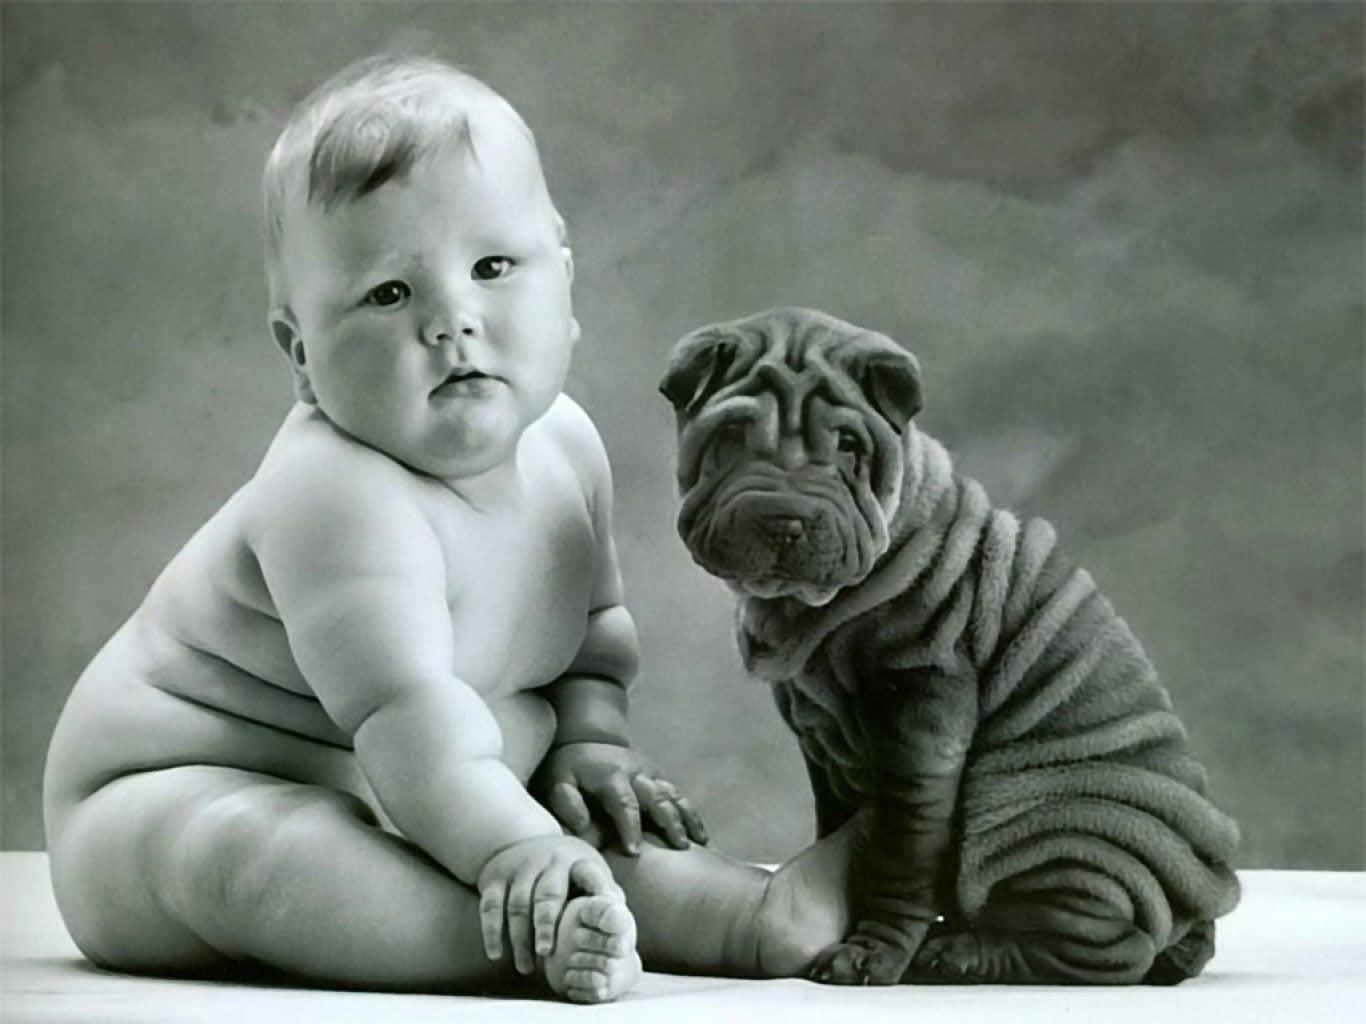 Cachorro con bebe